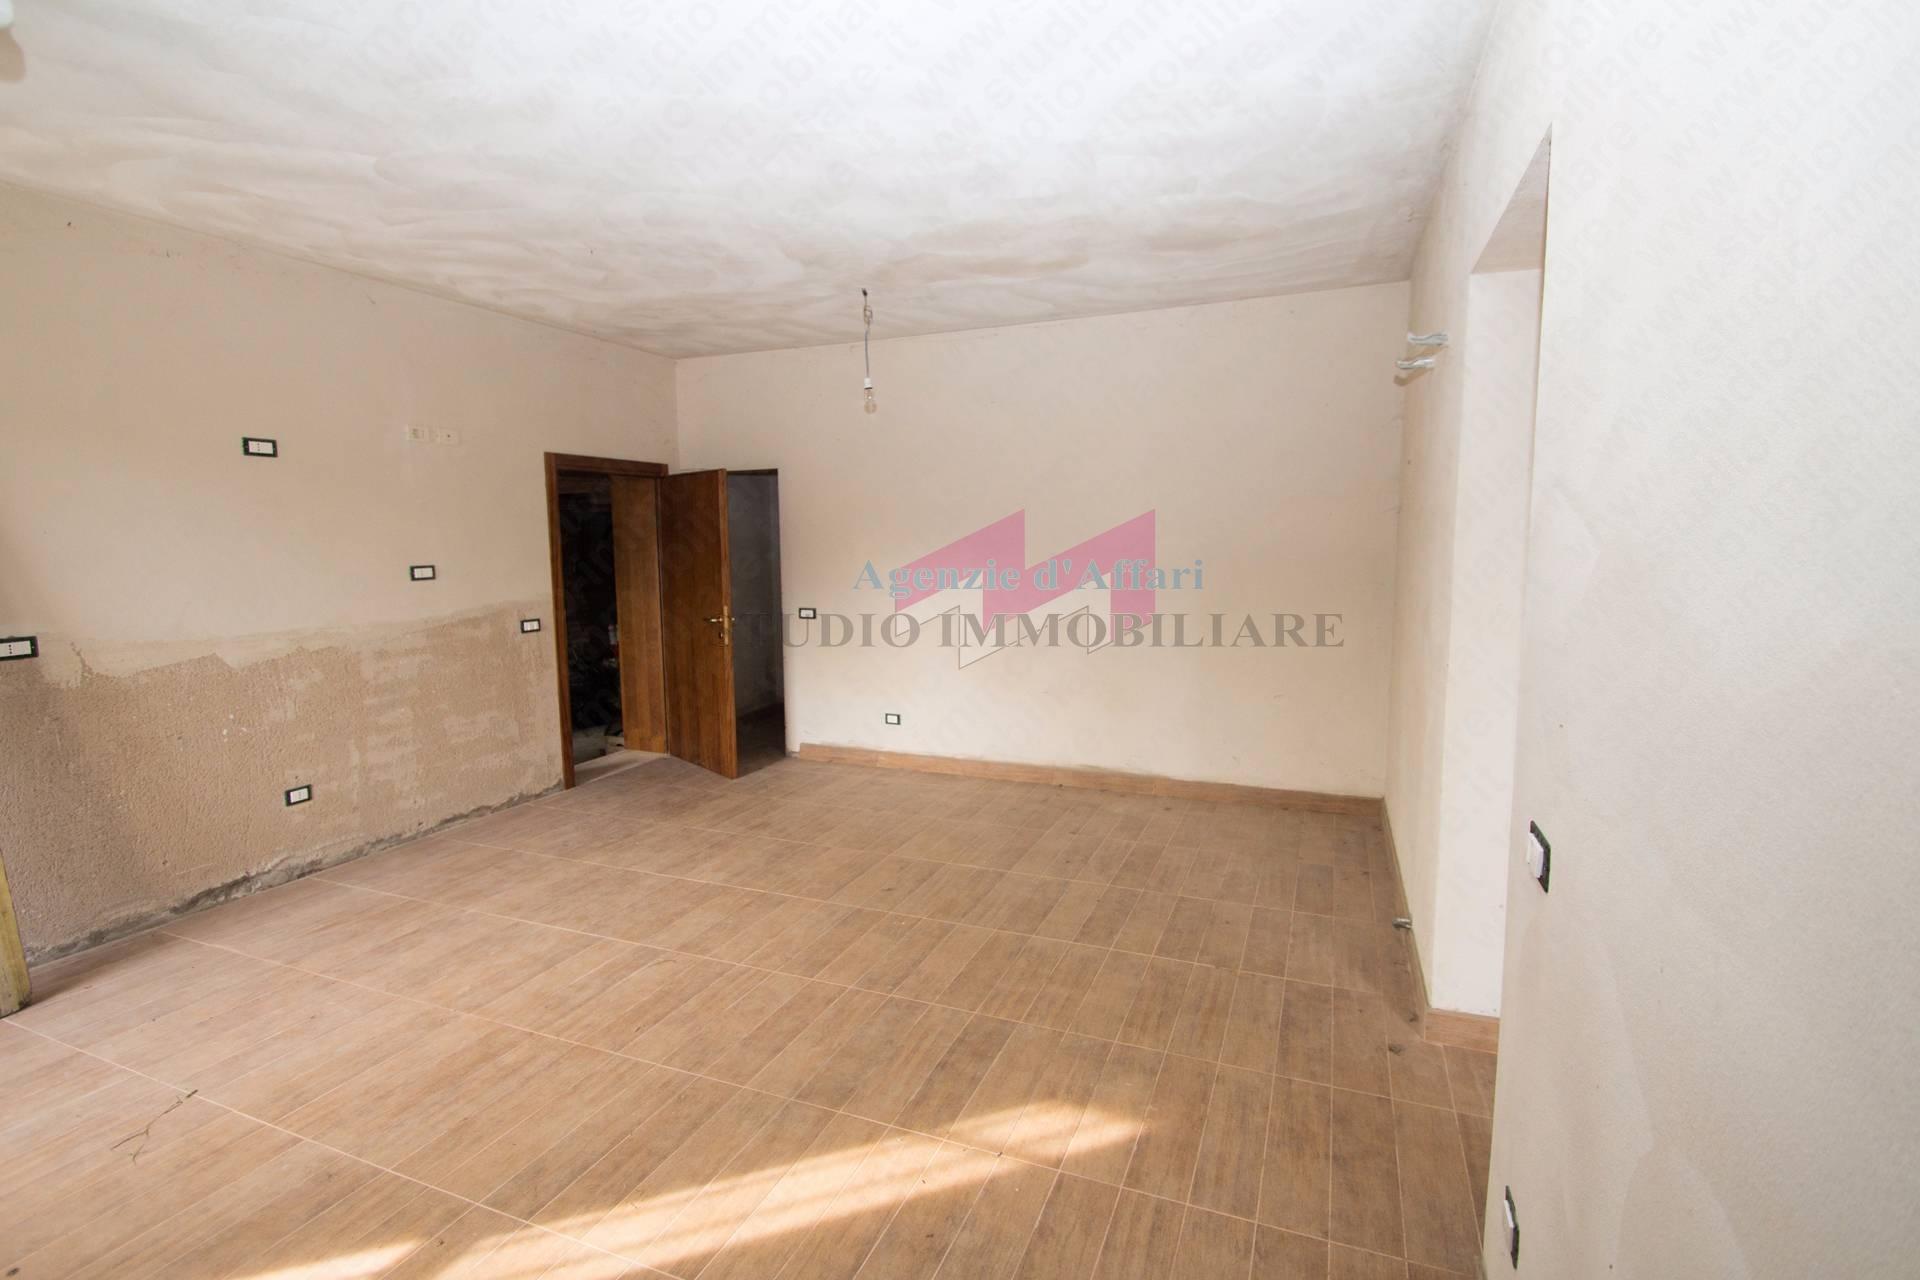 Altro in vendita a Ostiglia, 9 locali, zona Località: Correggioli, prezzo € 90.000 | PortaleAgenzieImmobiliari.it